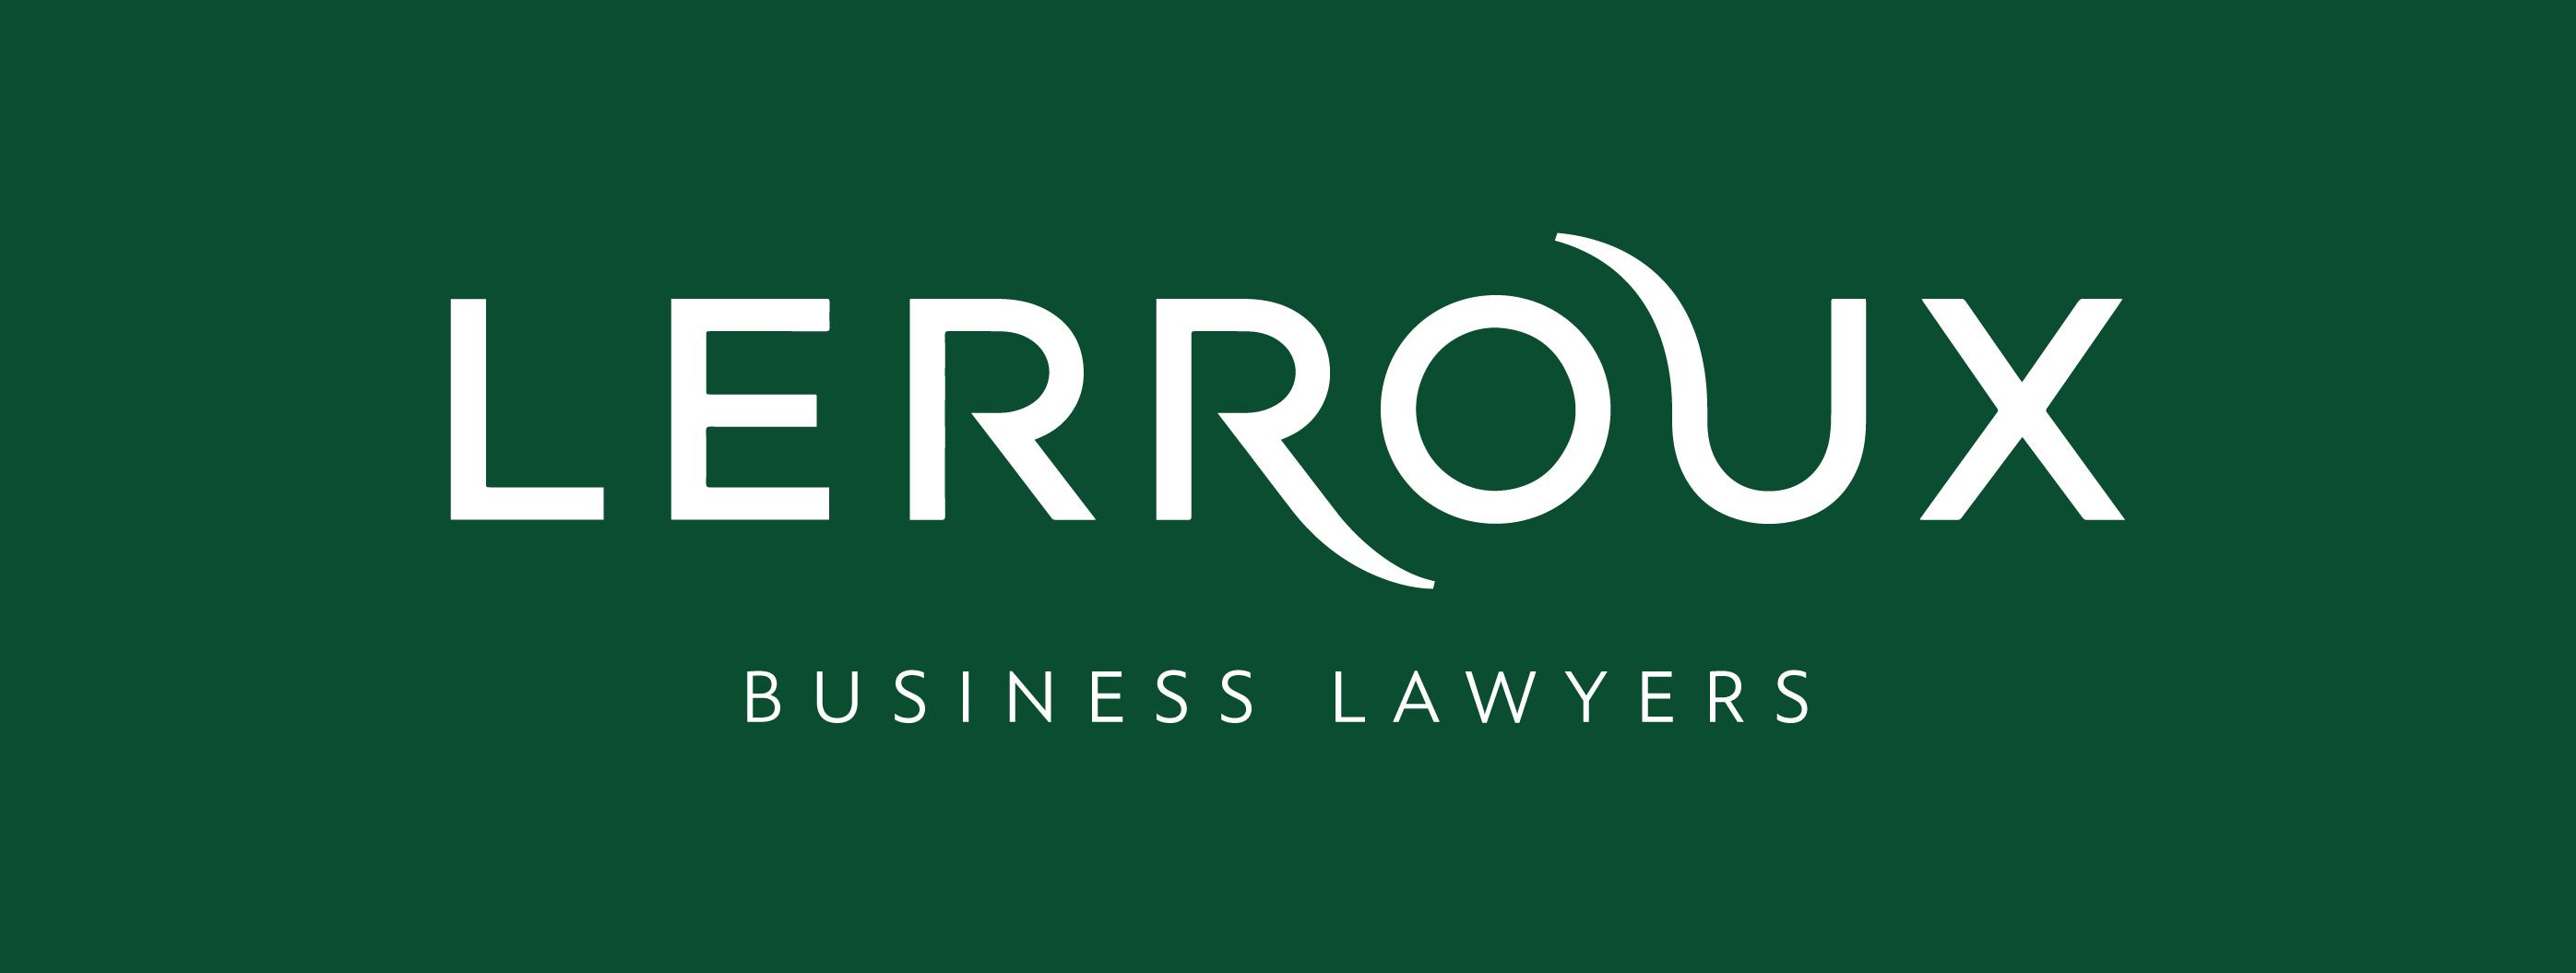 西班牙乐洛思知识产权事务所(Lerroux Business Lawyer)